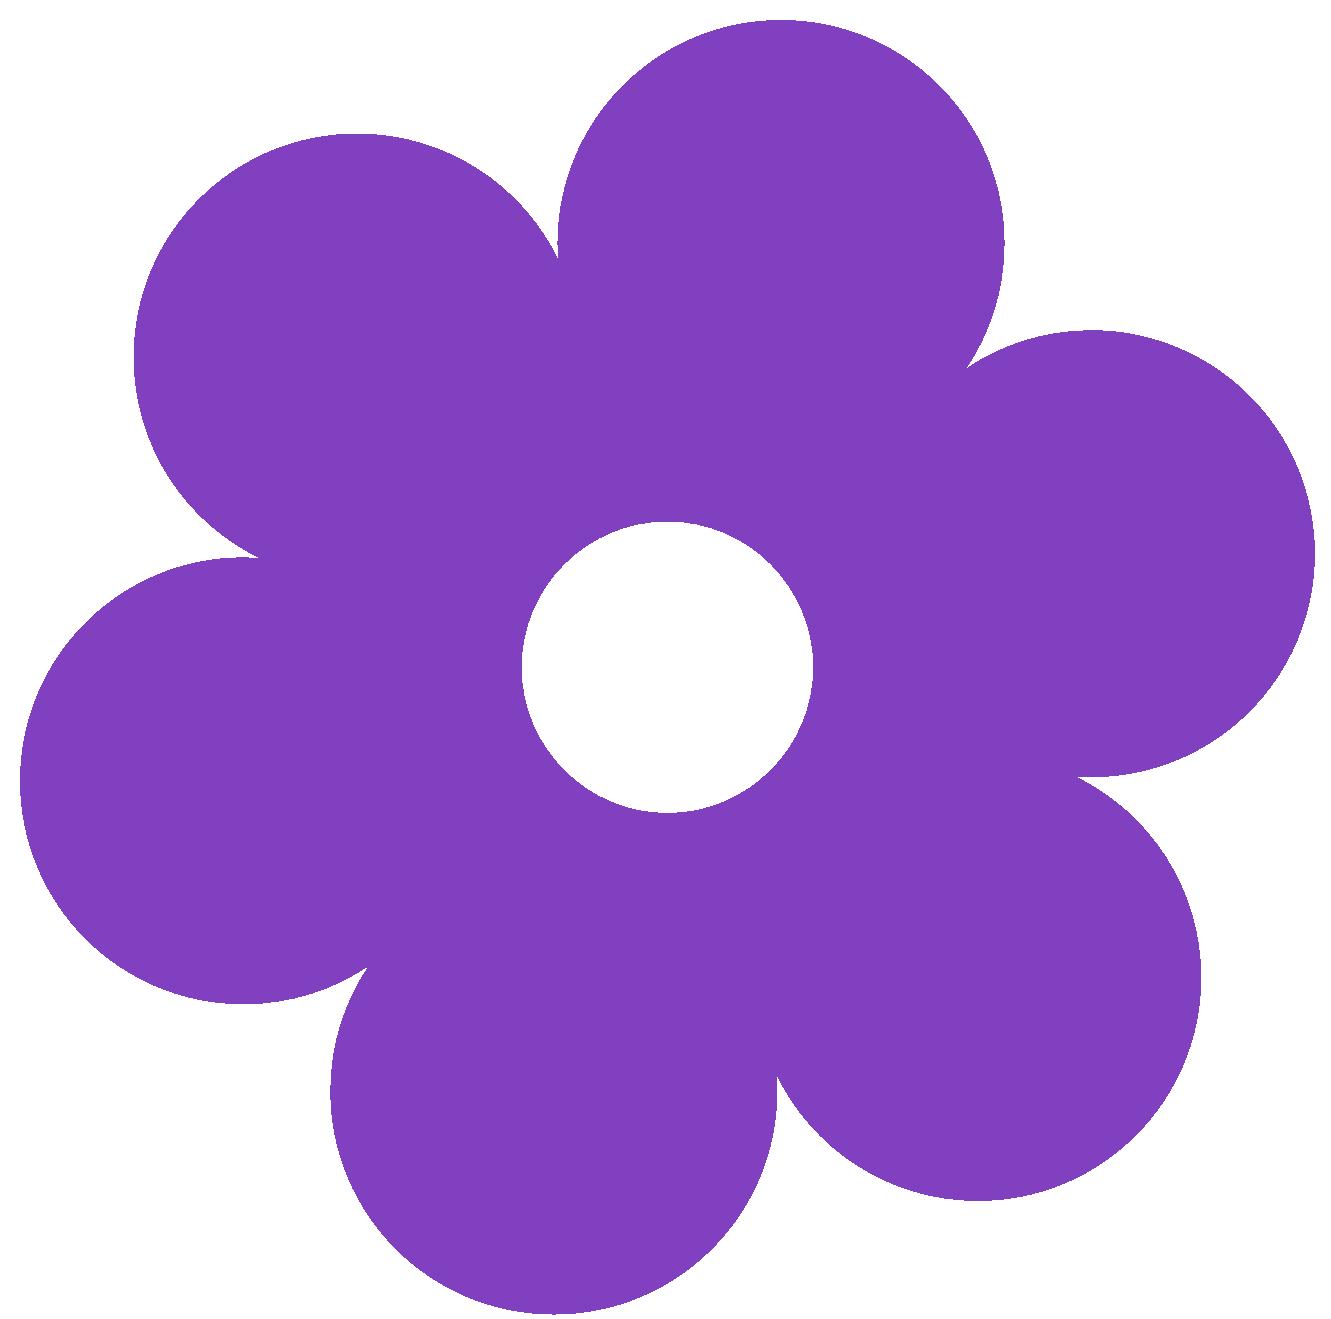 Flower images clipartmonk free. E clipart purple